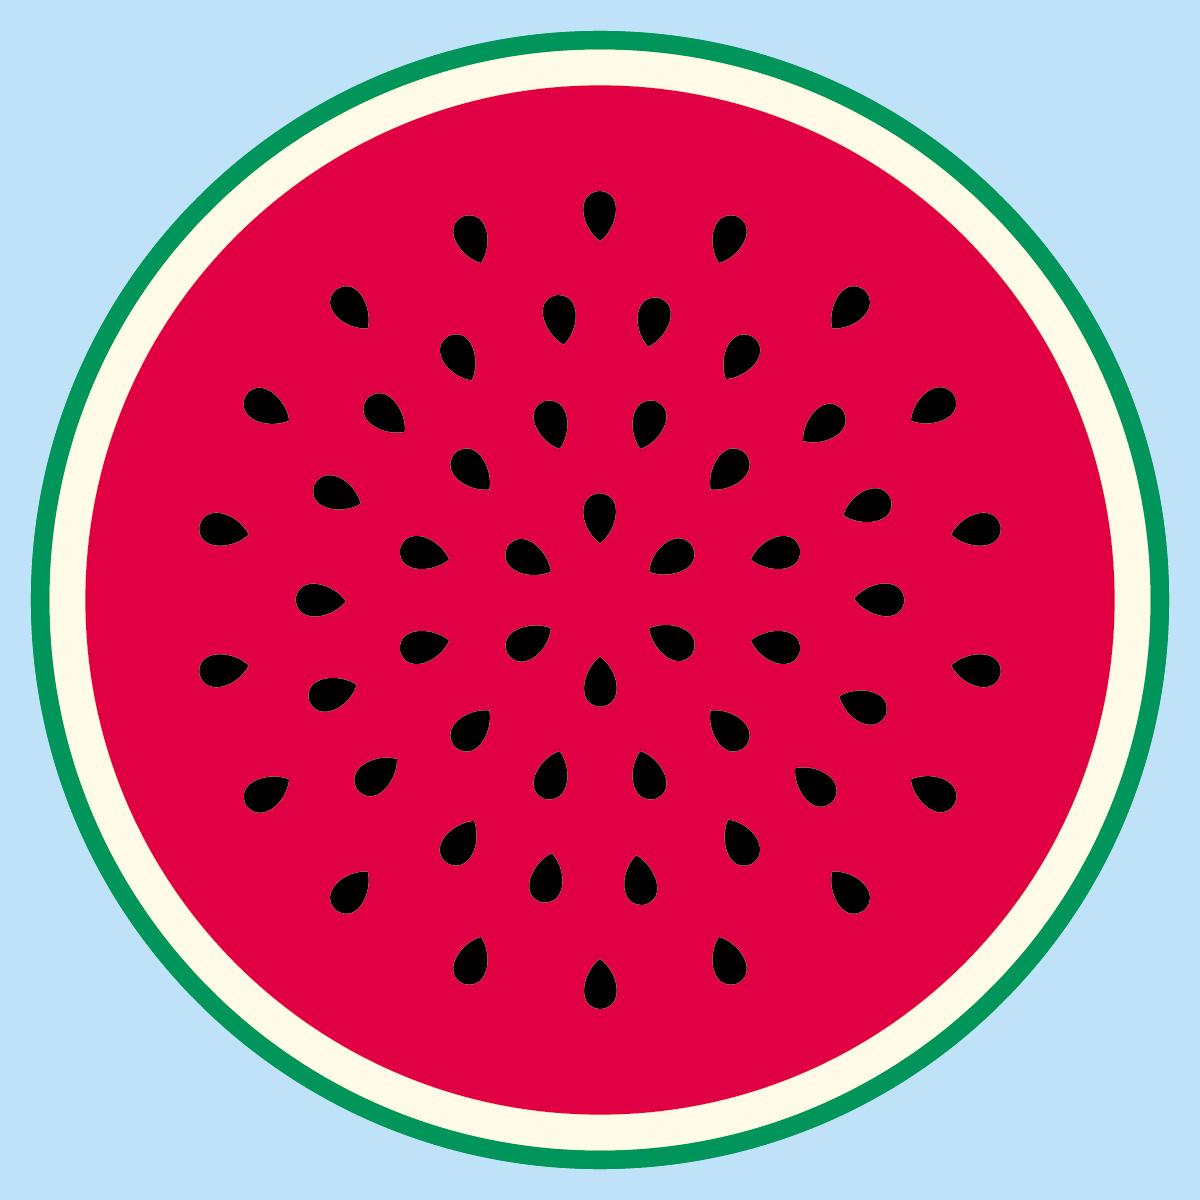 1200x1200 Watermelon Seed Clipart Clipart Panda